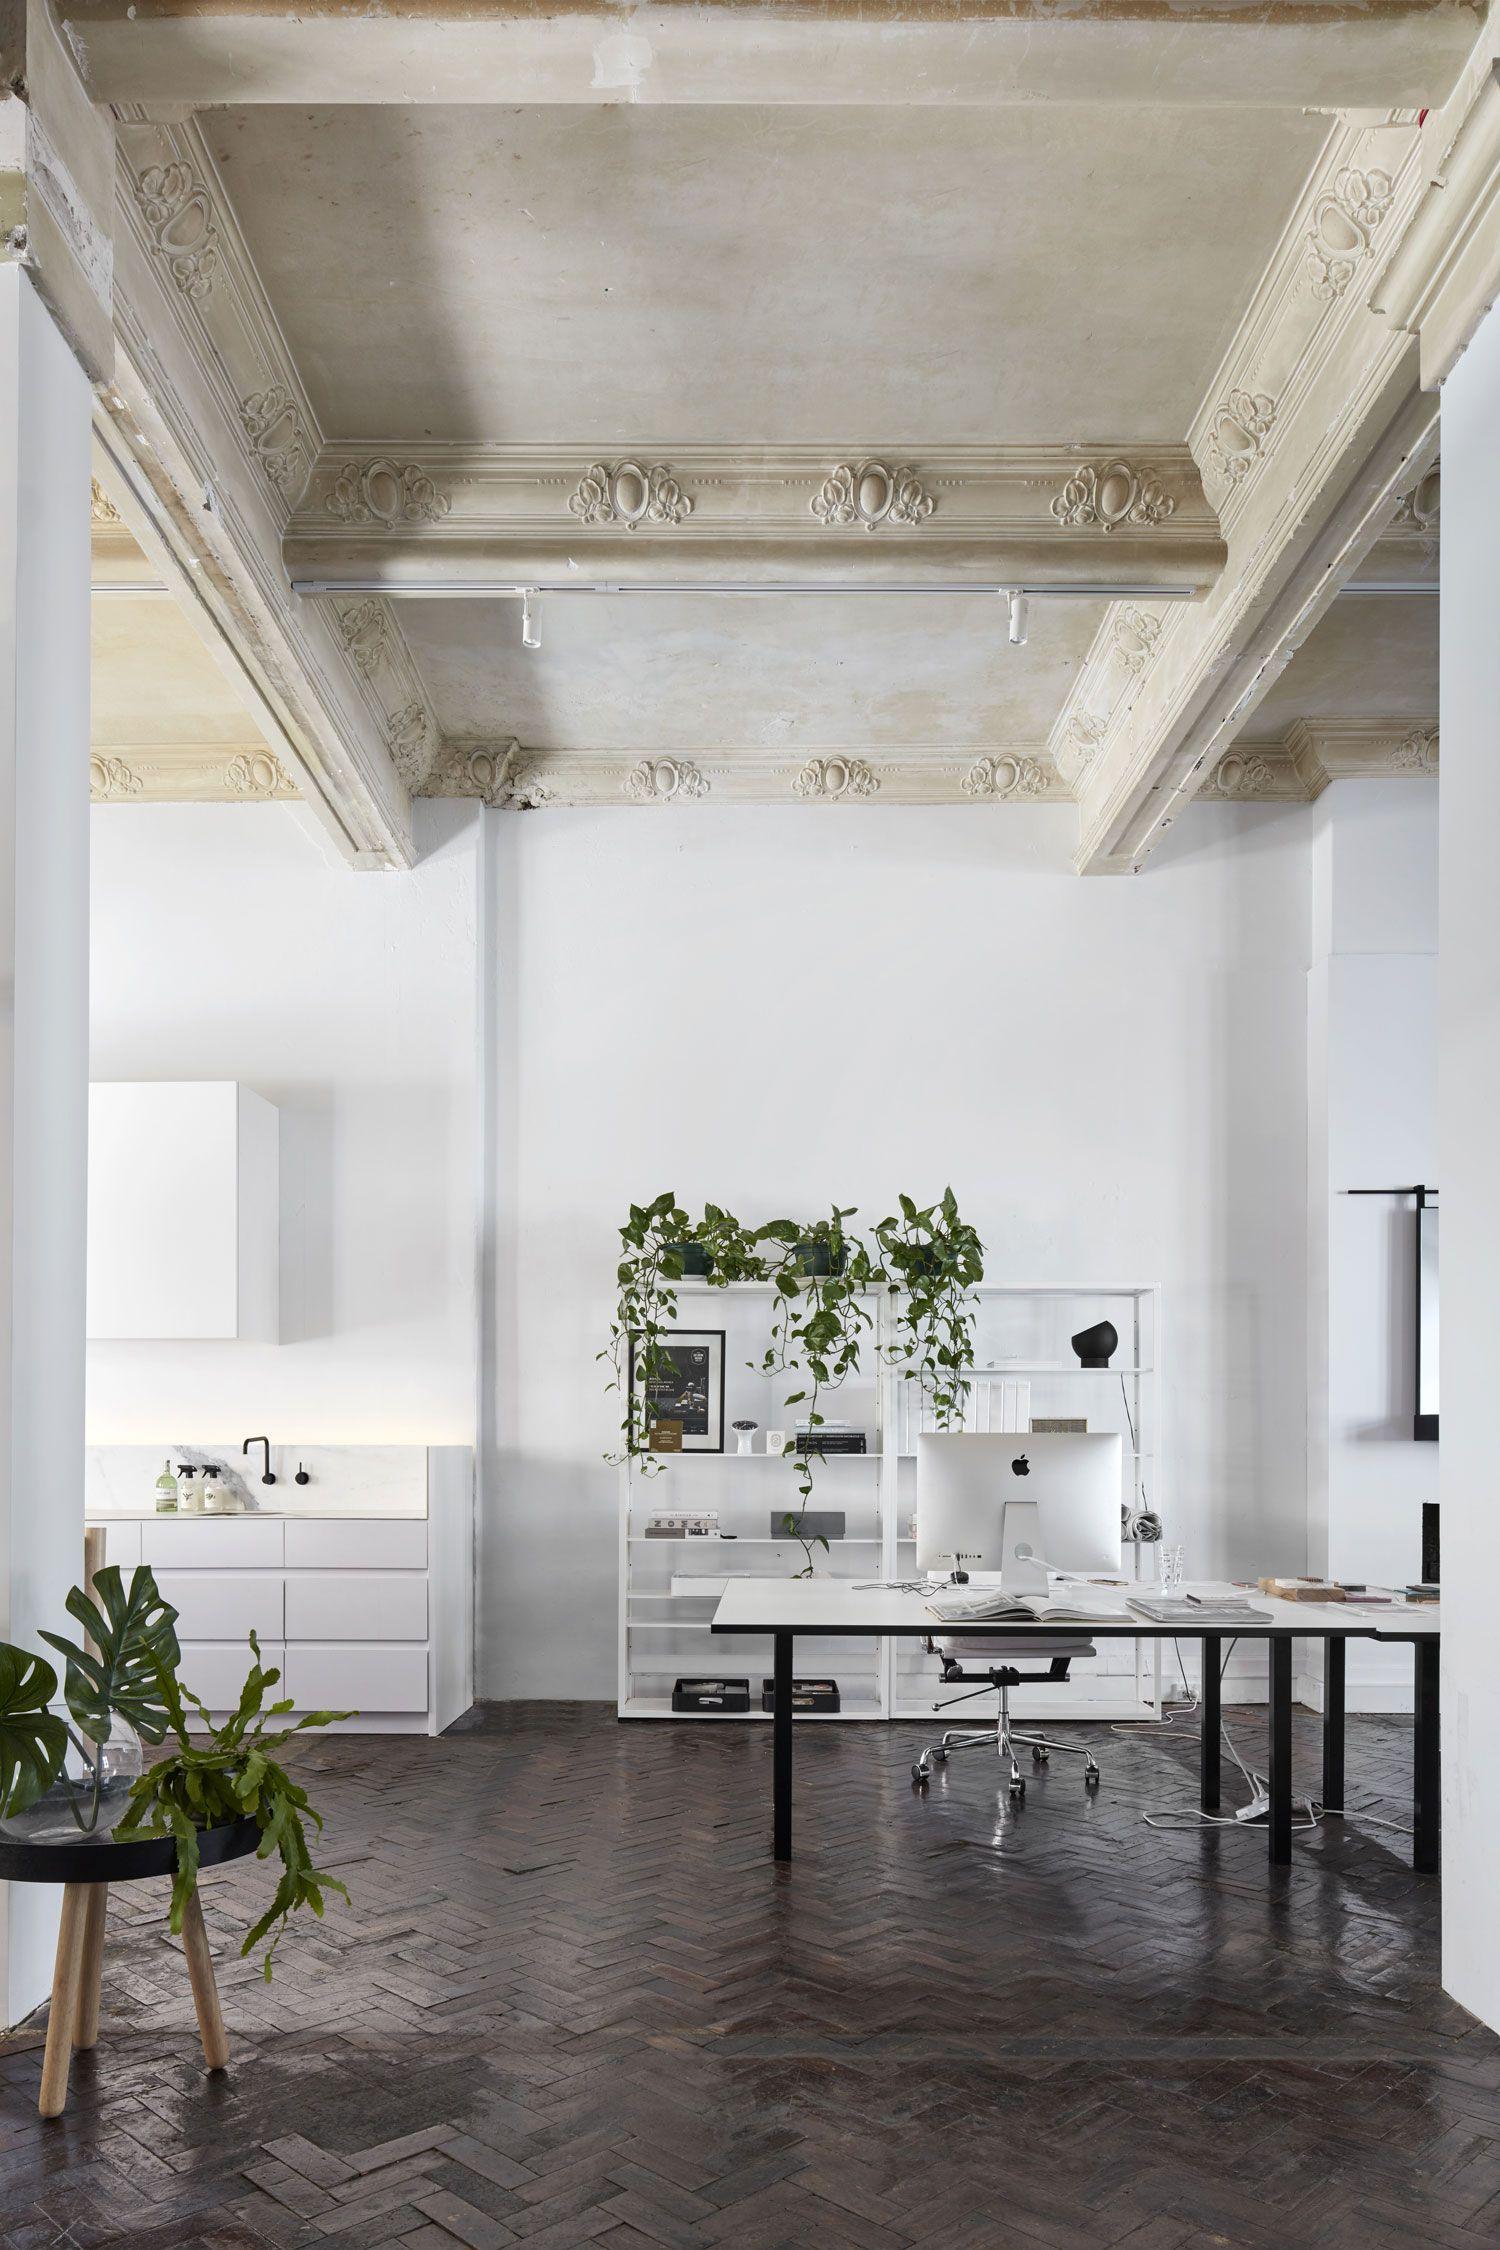 Melbourne based interior design studio The Stella Collective